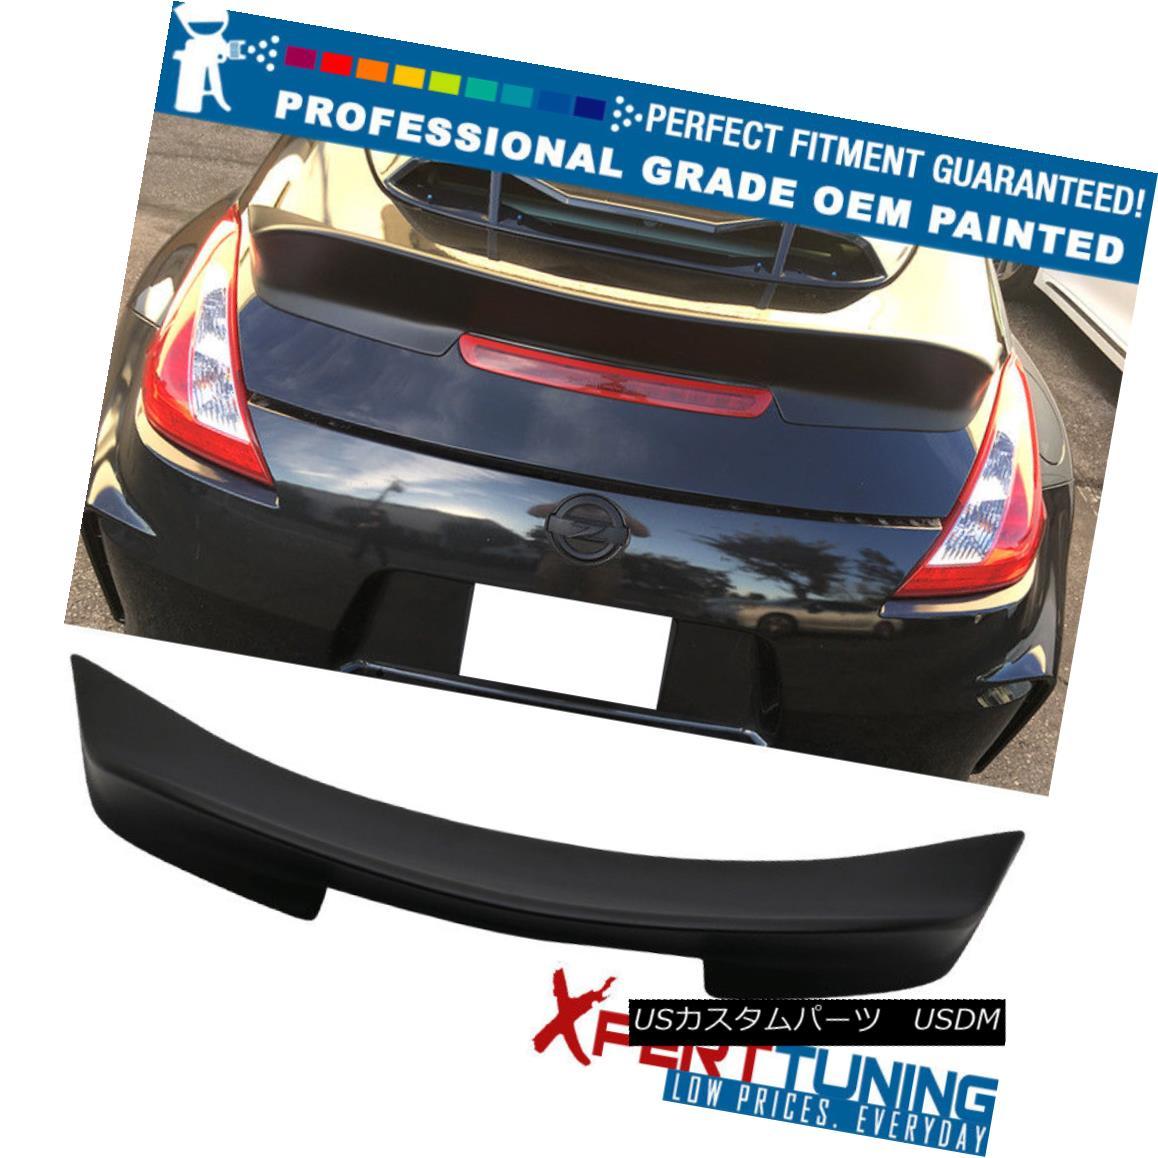 エアロパーツ Fits 09-18 Nissan 370Z Ikon Style Duckbill Trunk Spoiler - OEM Painted Color フィット09-18日産370Zイコンスタイルダックビルトランクスポイラー - OEM塗装カラー